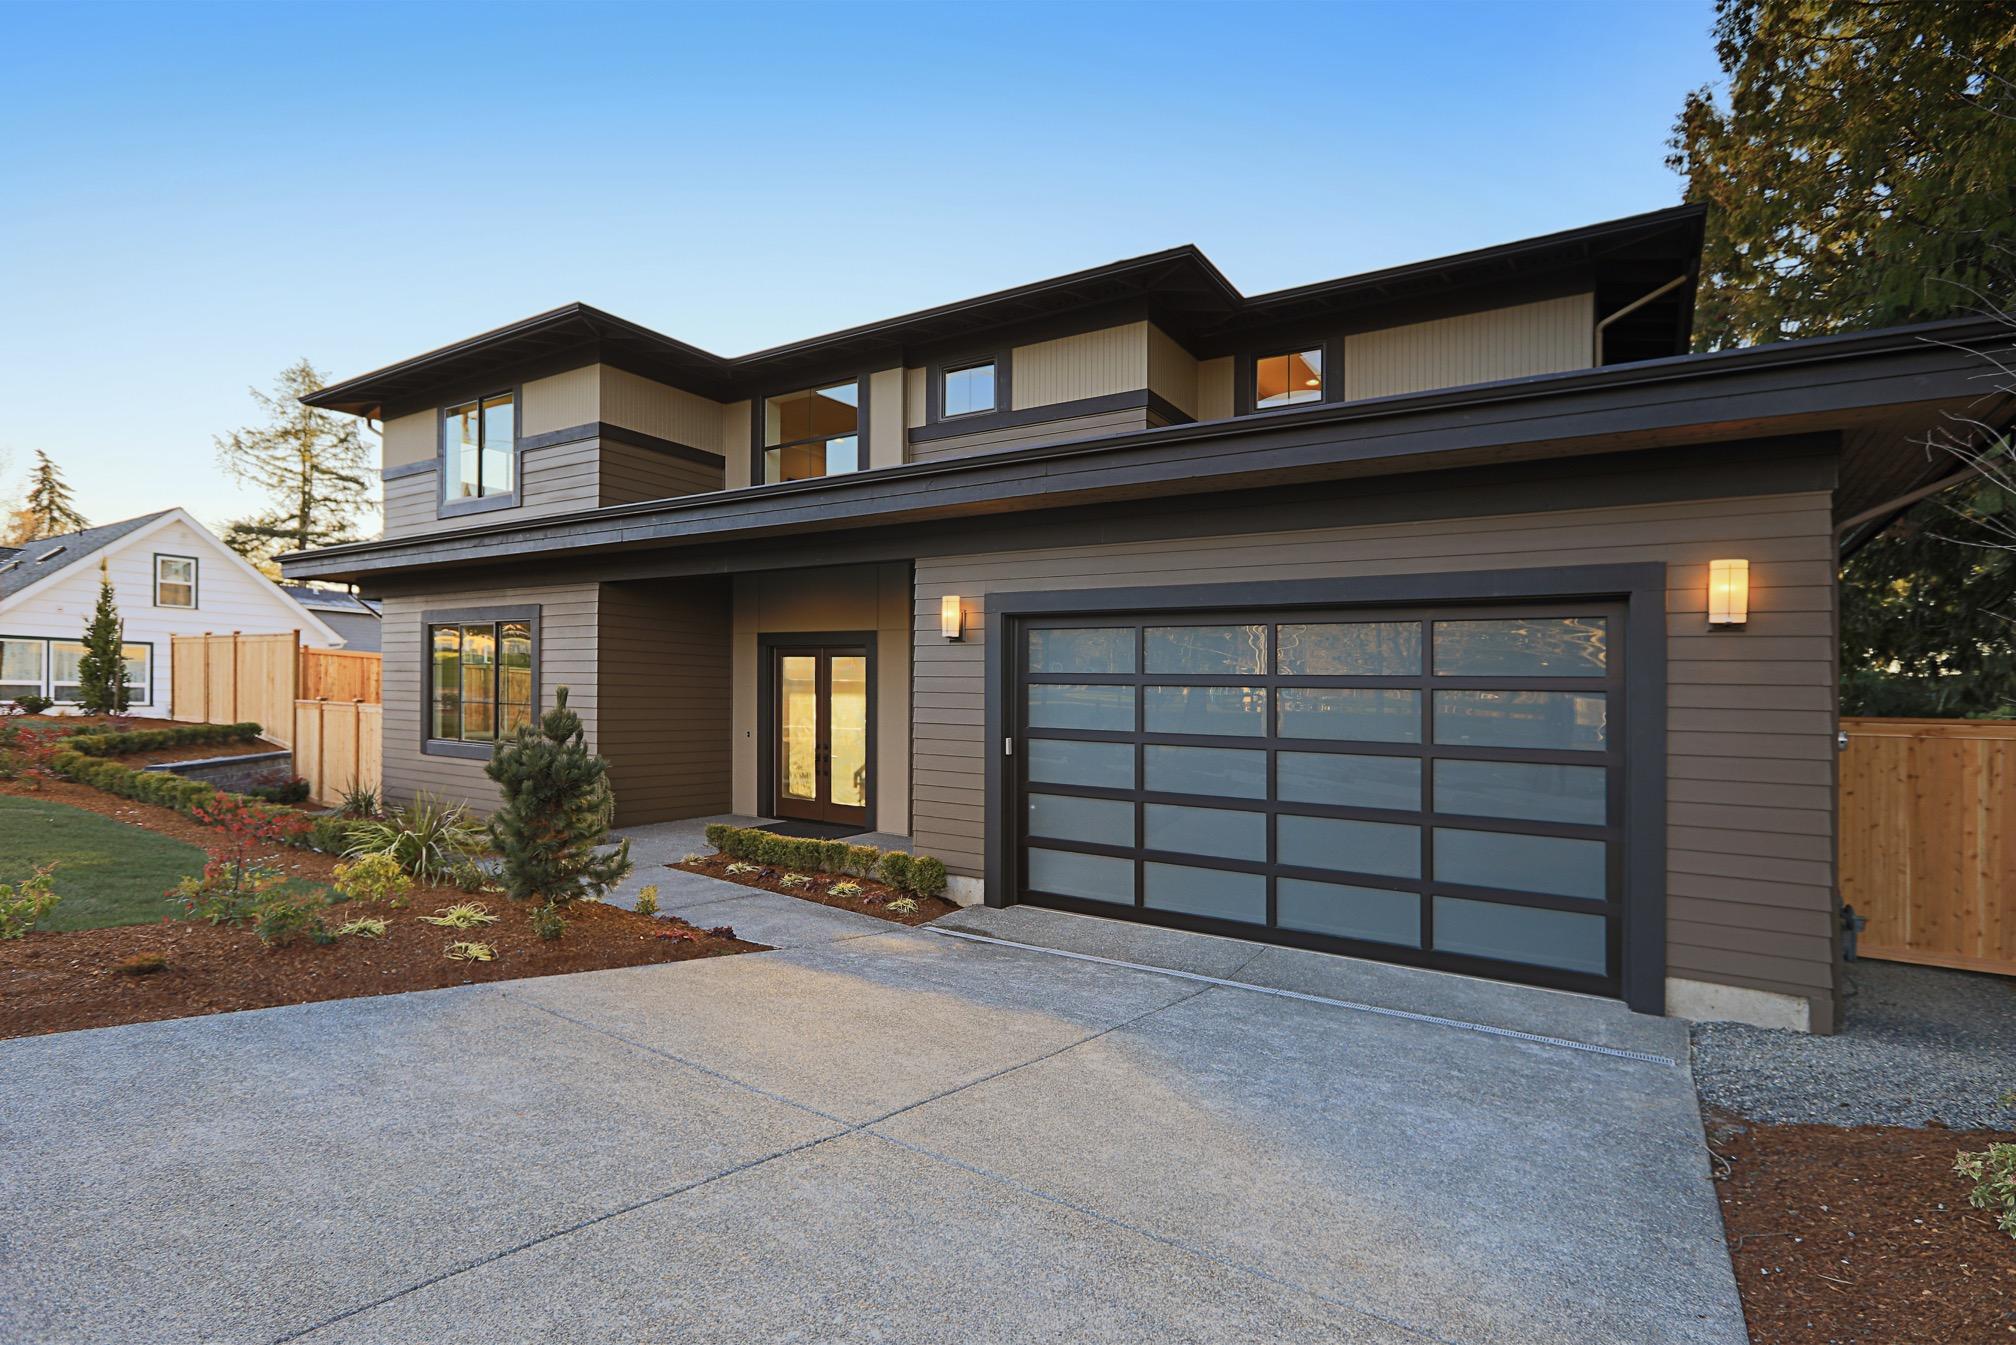 7 Desain Garasi Rumah Modern Yang Minimalis